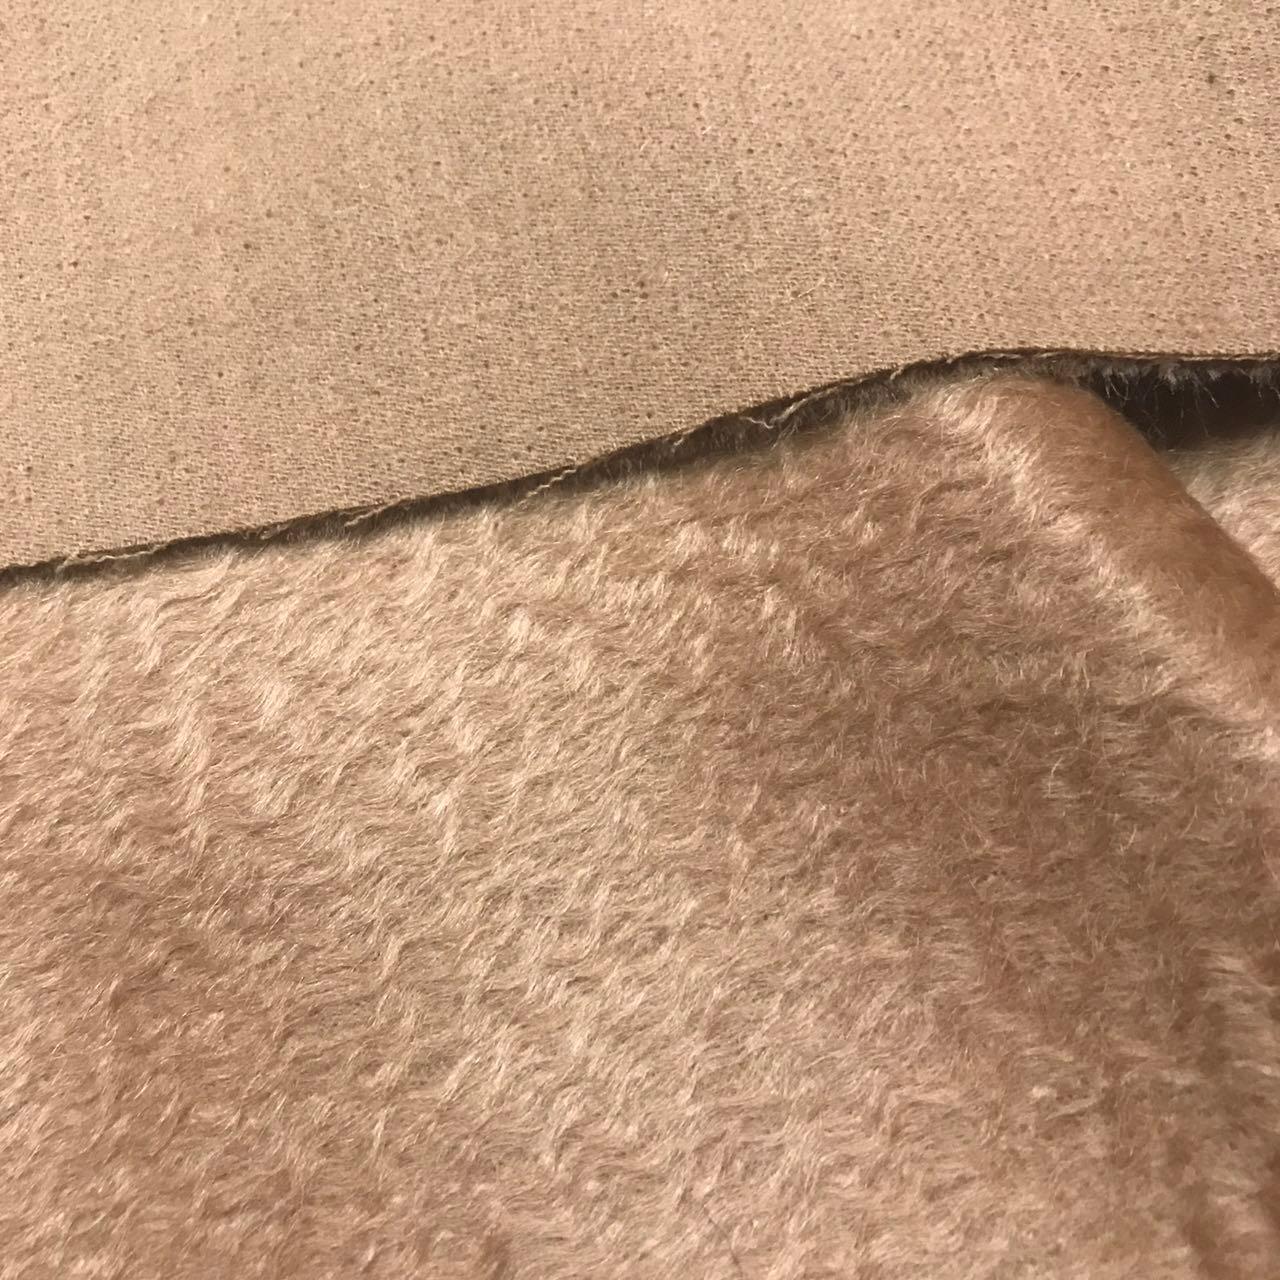 大牌款驼色长毛水波纹双面加厚高档羊绒大衣布料顺毛细腻时装面料